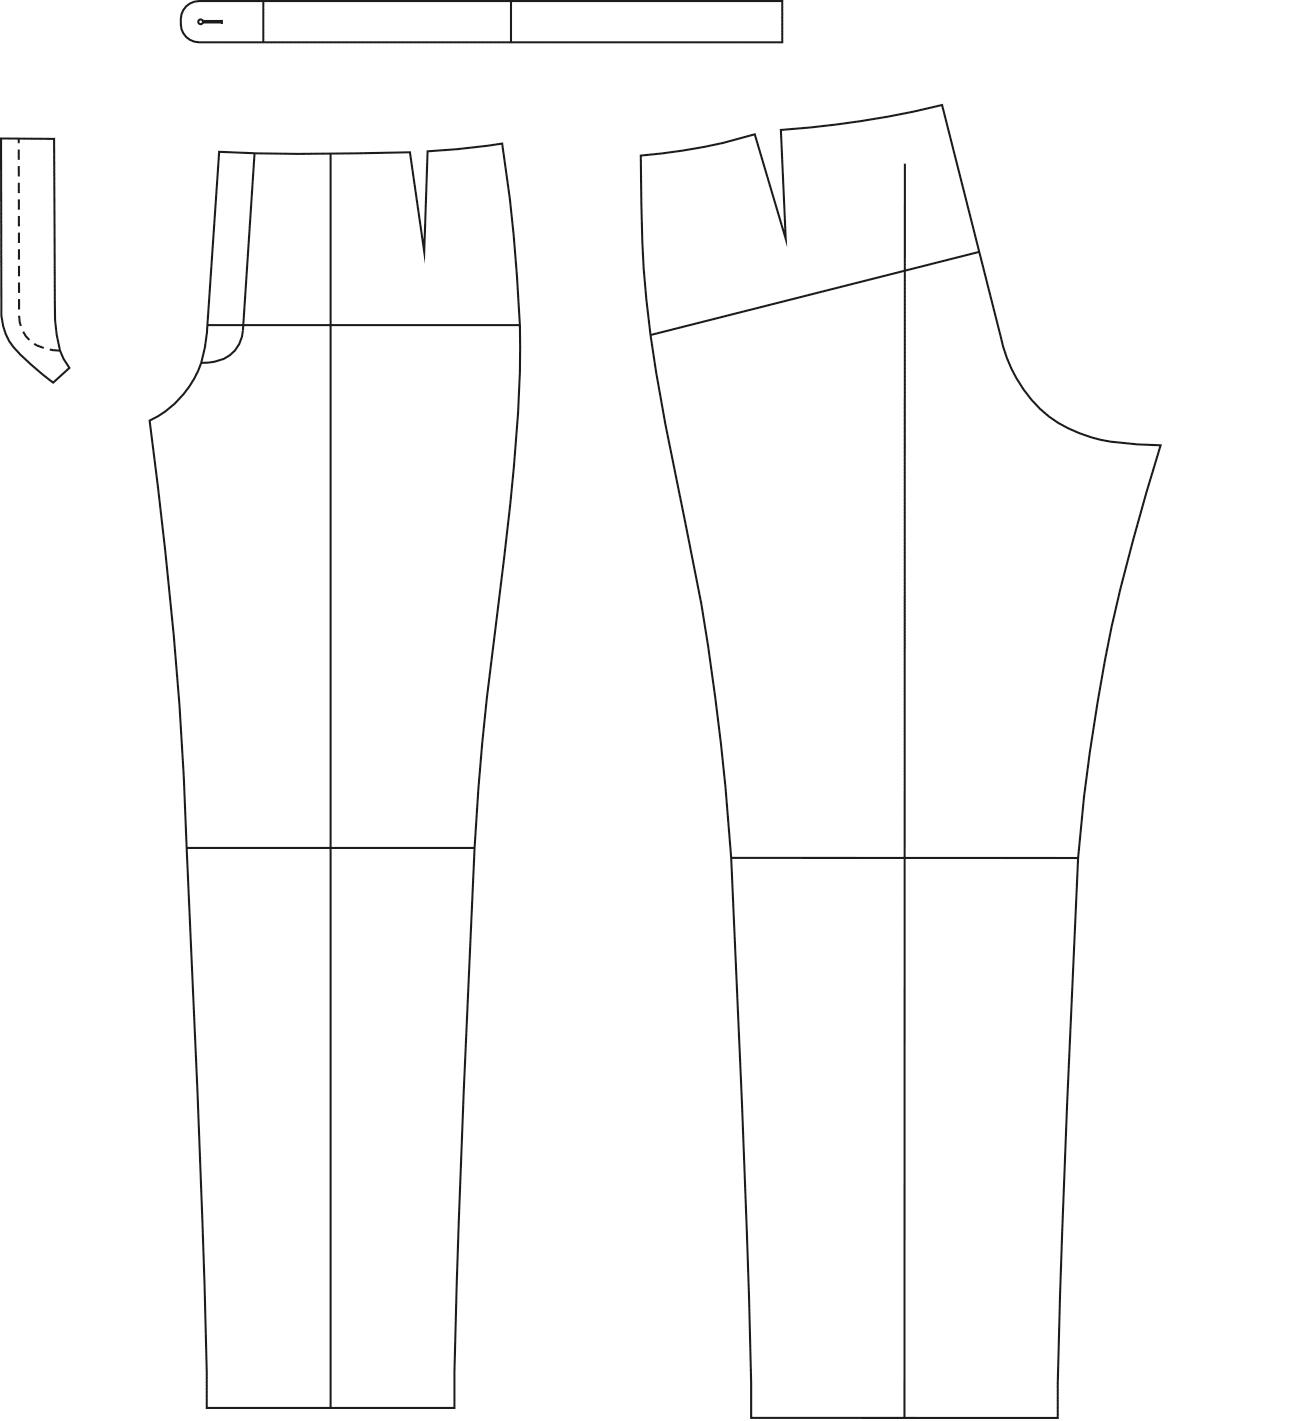 Abgebildet sind die fertigen Schnitttteile des Schnittmusterbogens für eine Hose.